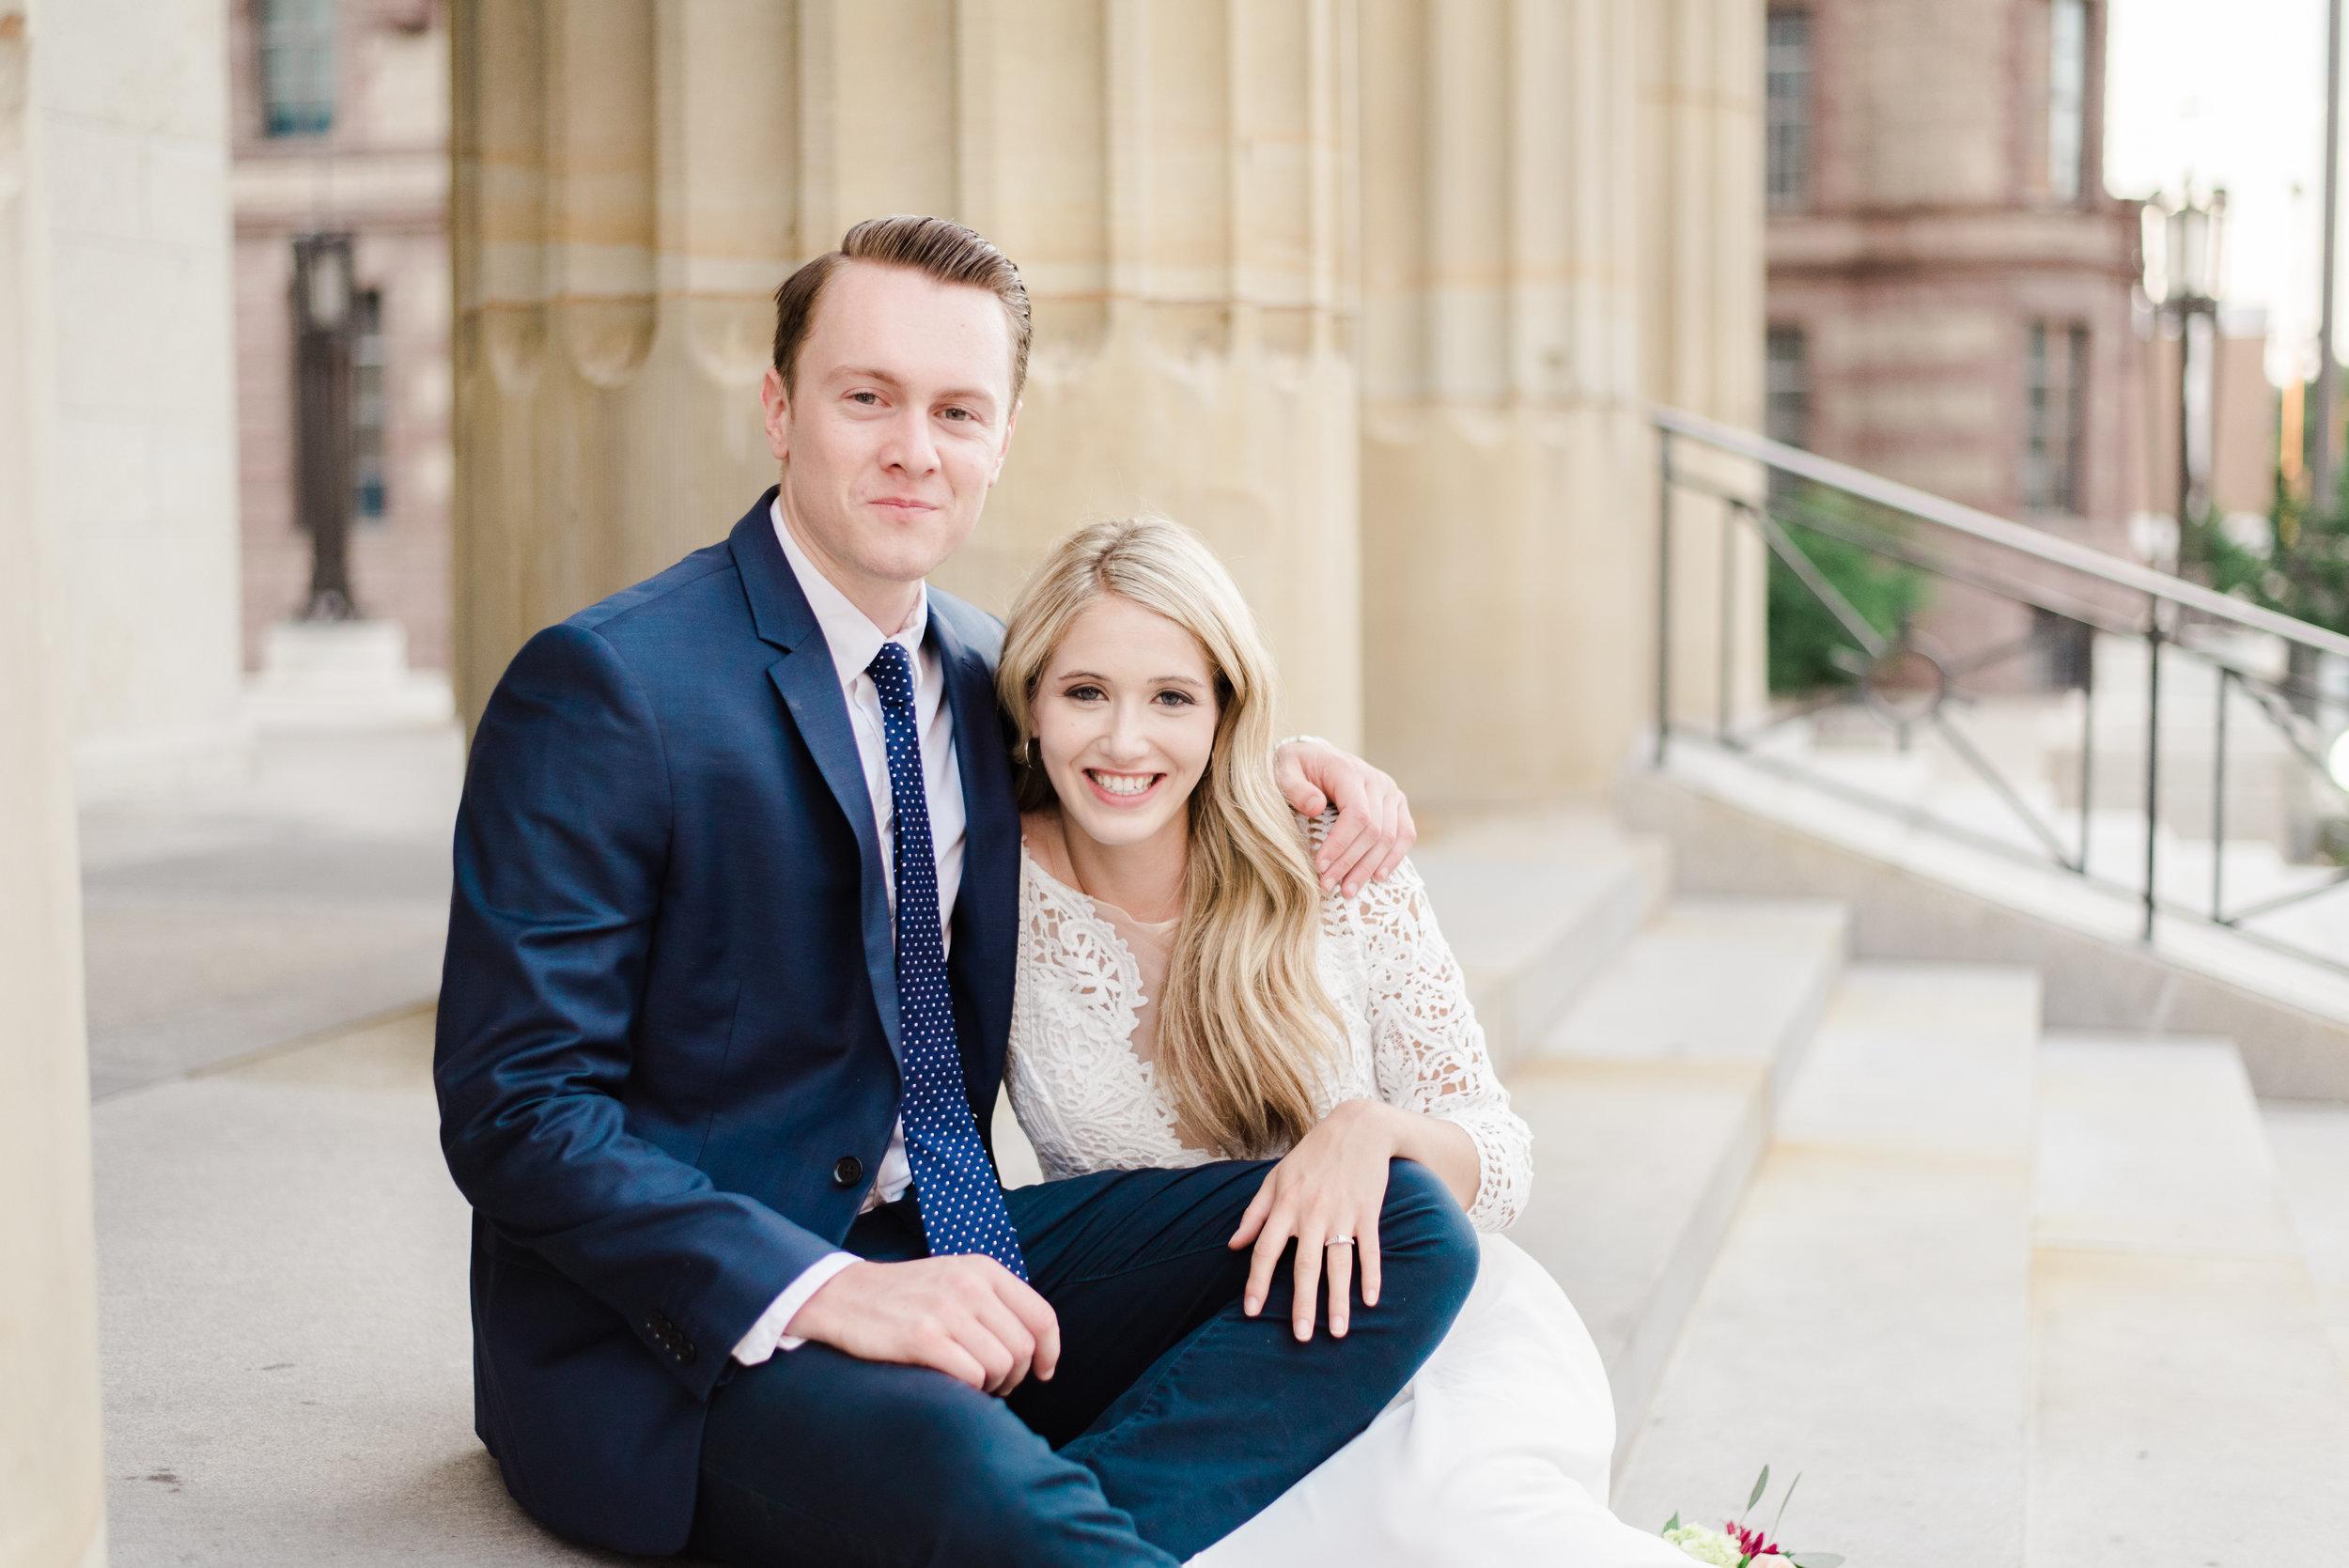 BrookeKeagan_Engaged_wedding_1778.jpg